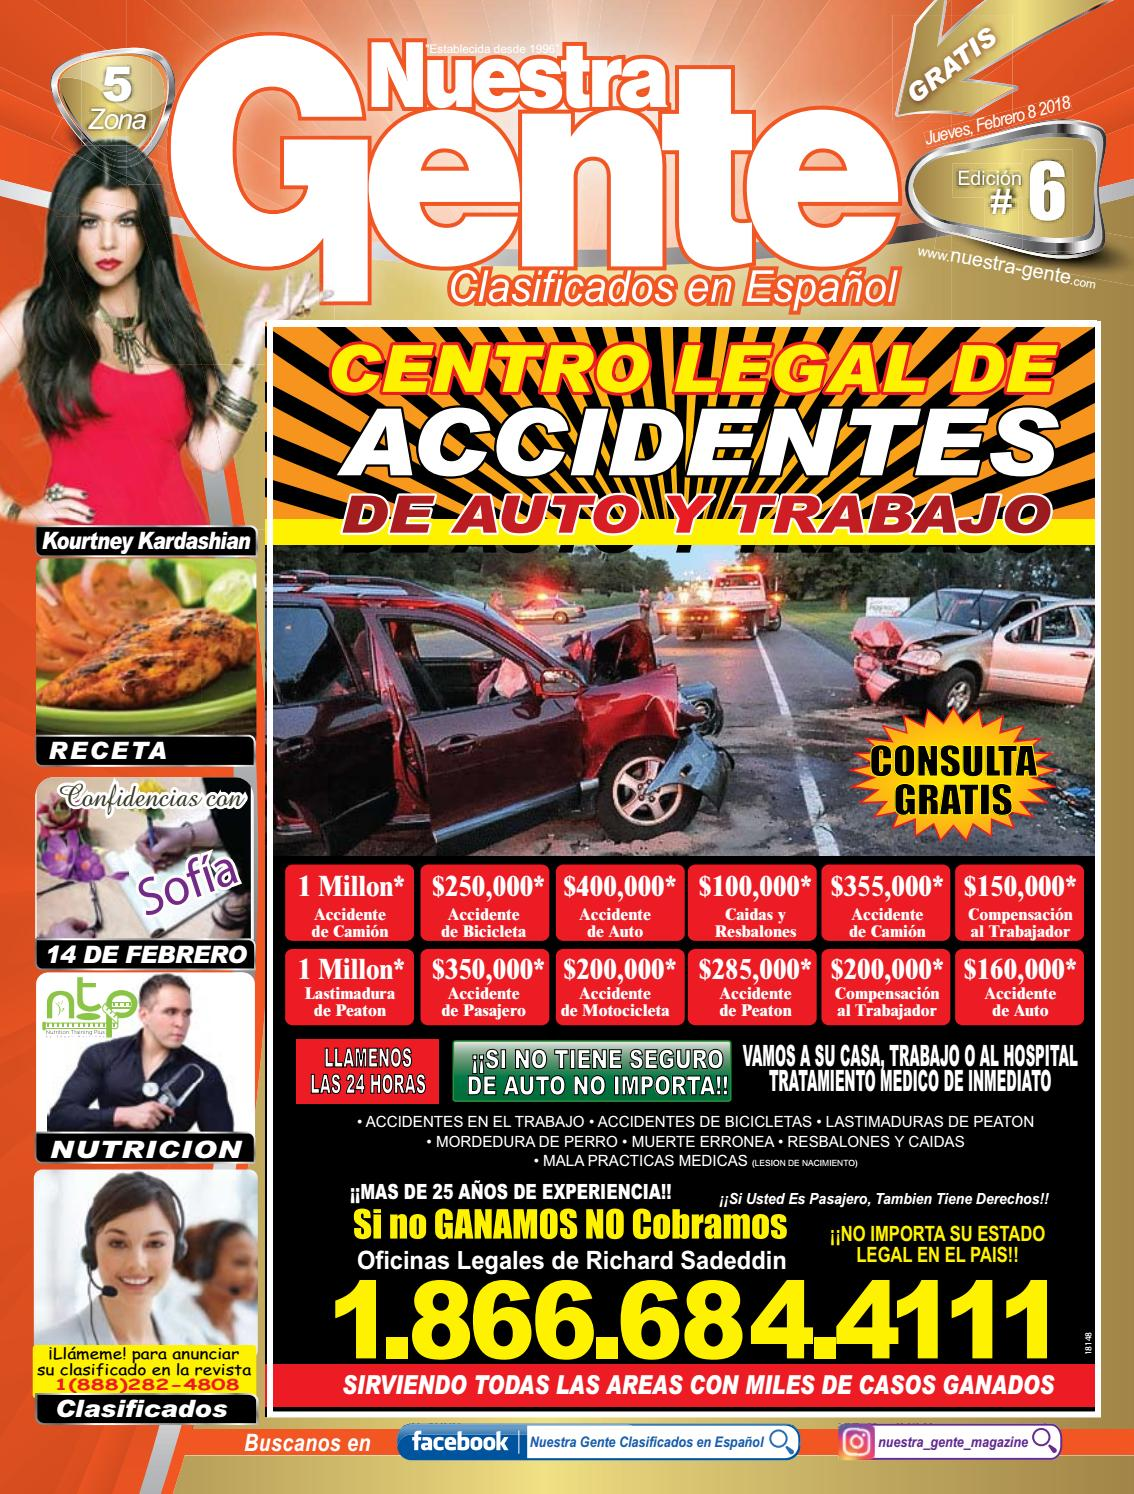 Nuestra Gente 2018 Edicion 6 Zona 5 by Nuestra Gente - issuu